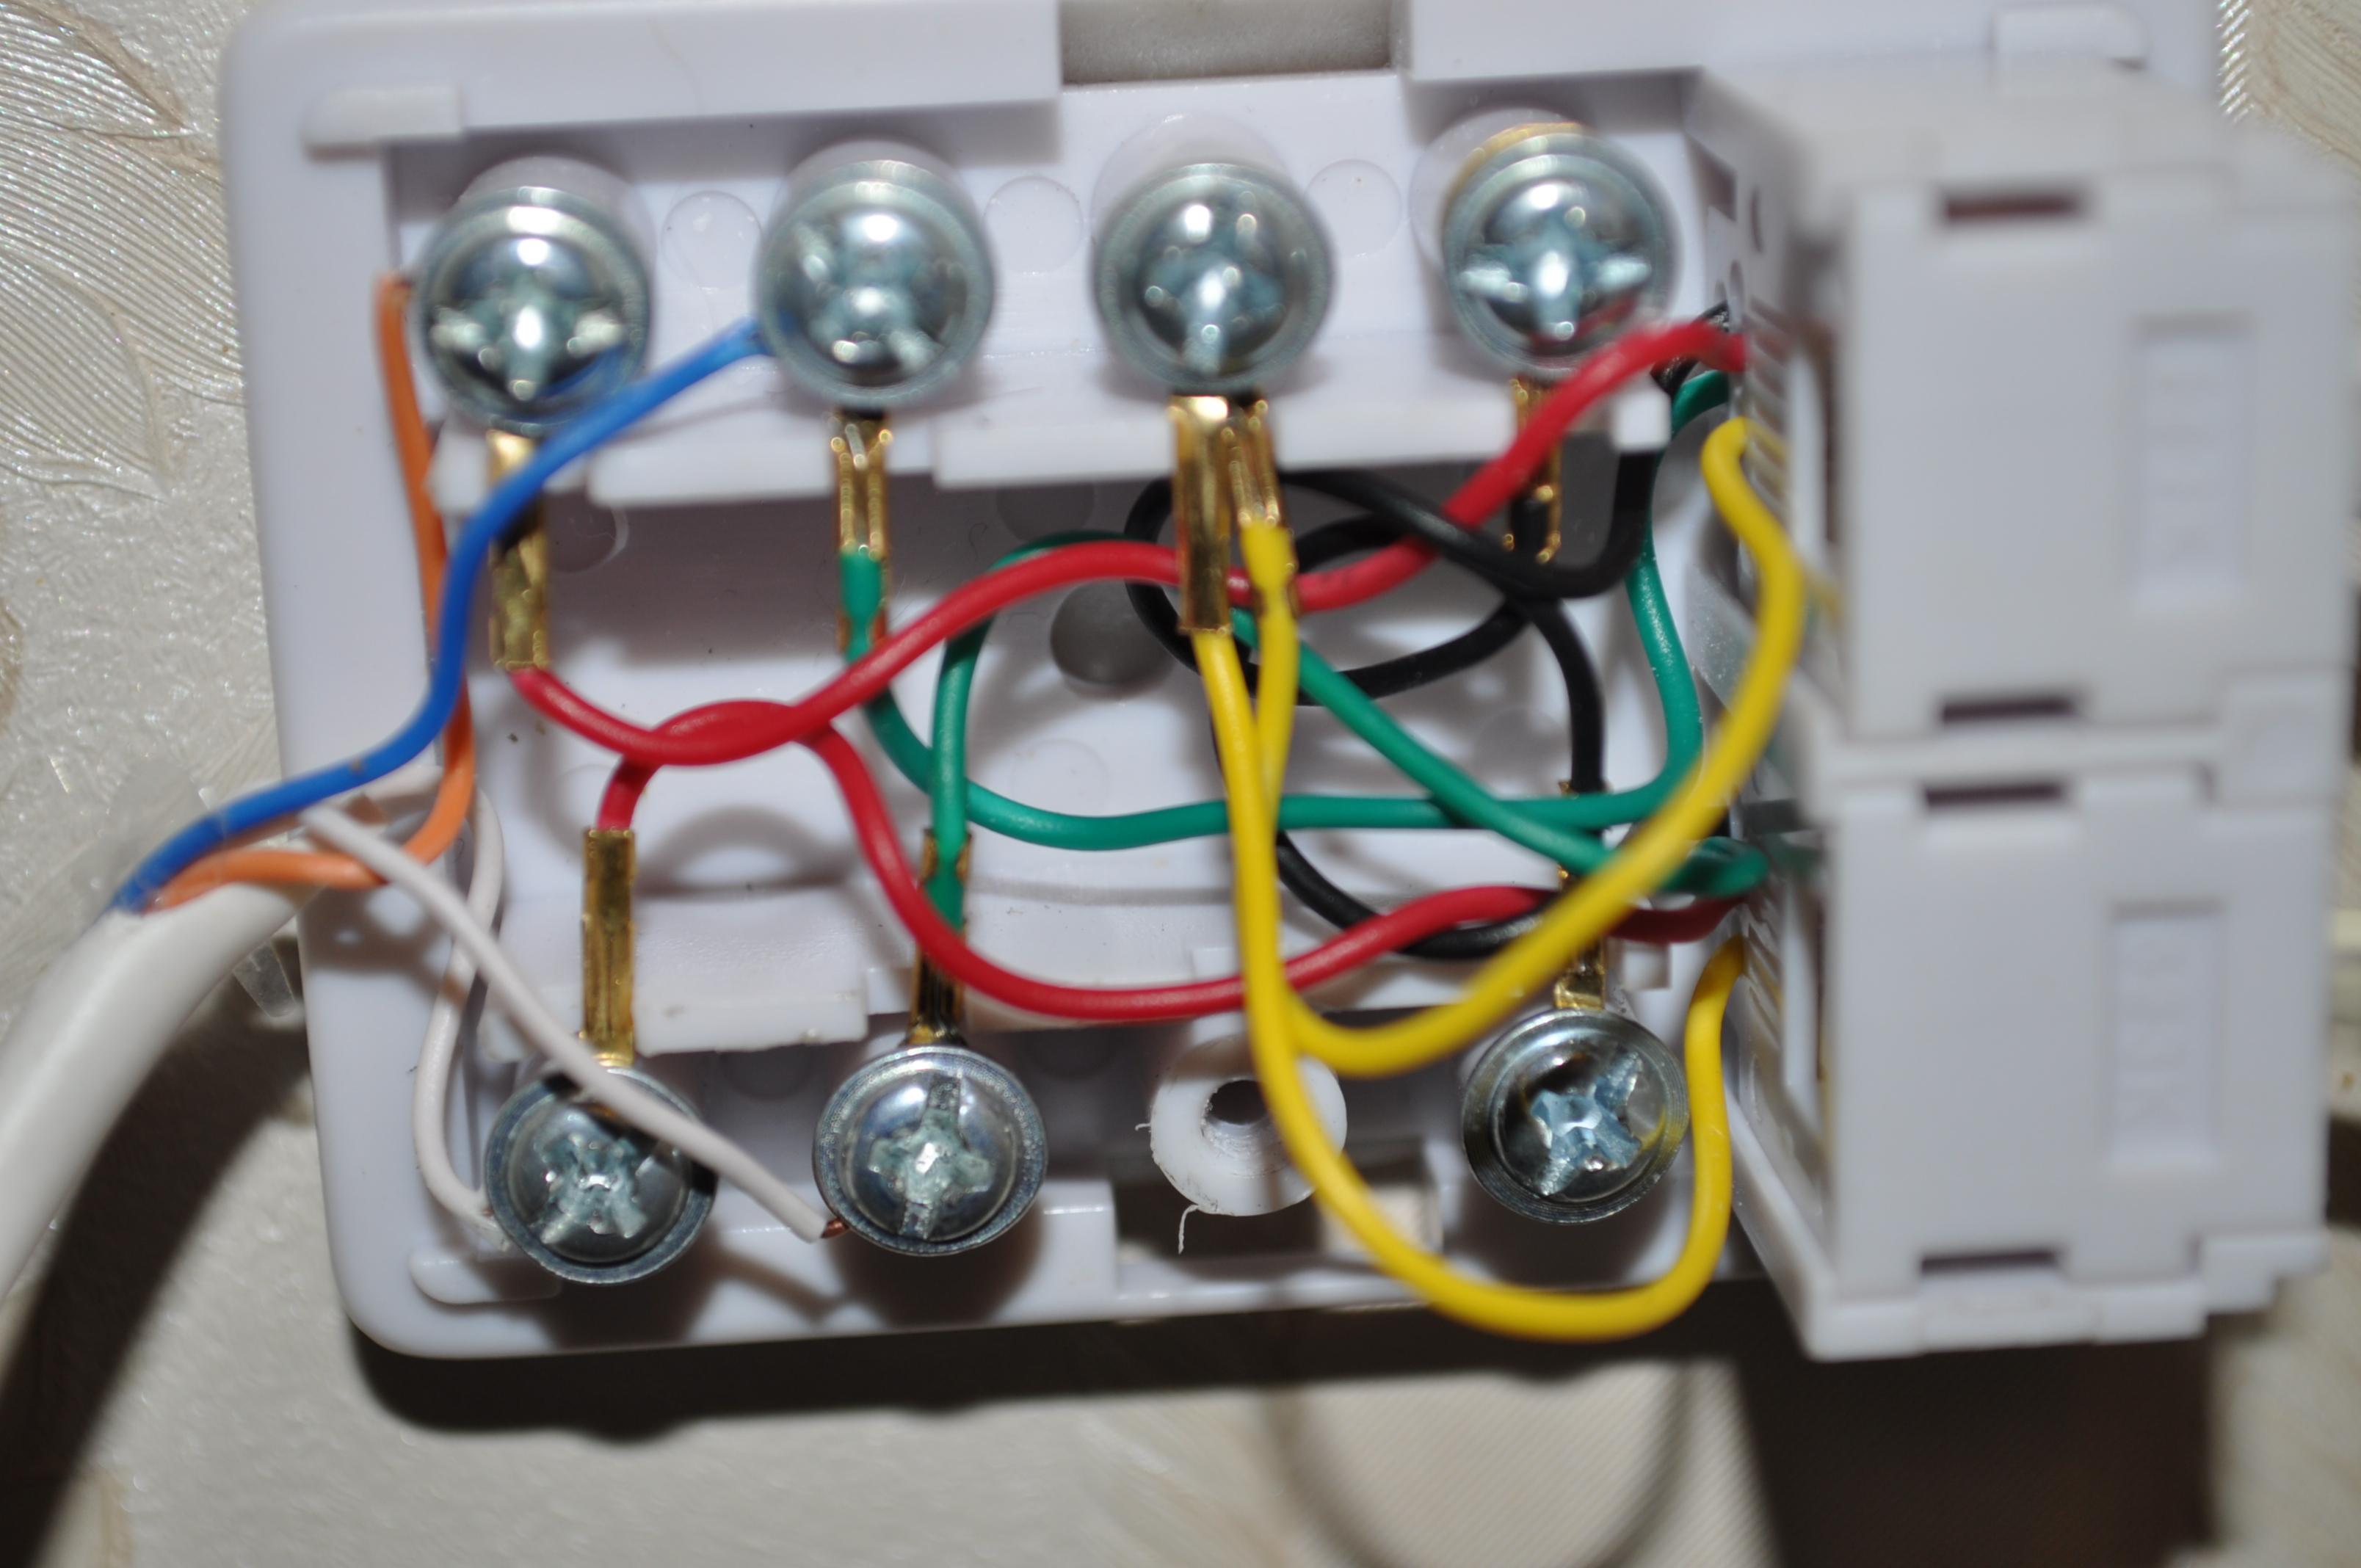 Wymiana kabla telefonicznego na ytksy skr�tka